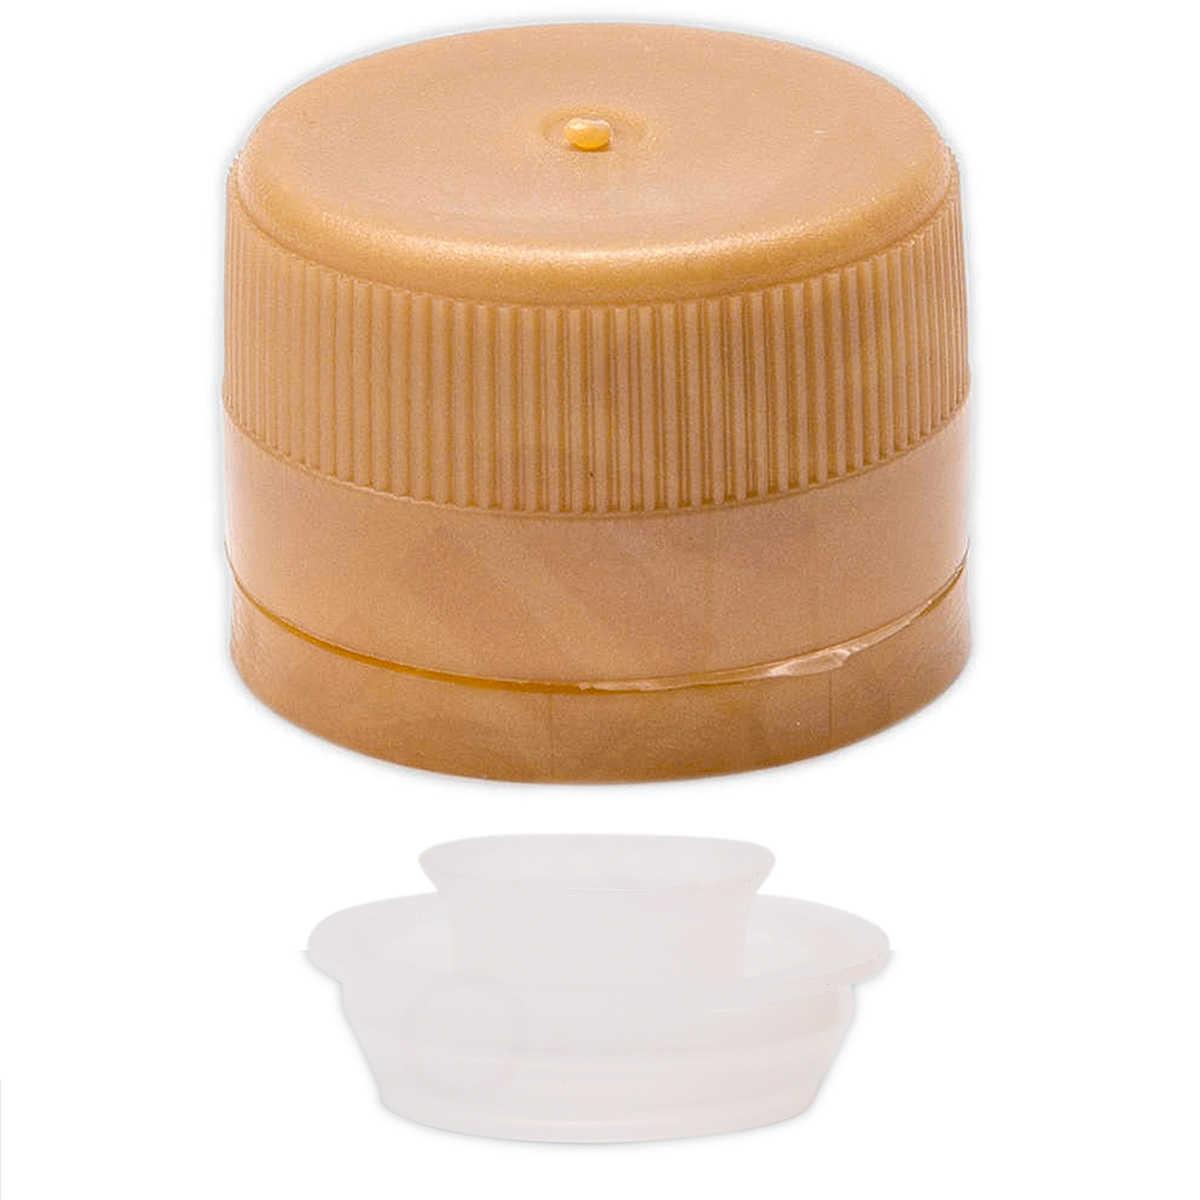 grande sconto negozi popolari il più votato a buon mercato Tappo a vite in plastica con salvagoccia dorato ⌀31,5 (100 pz)